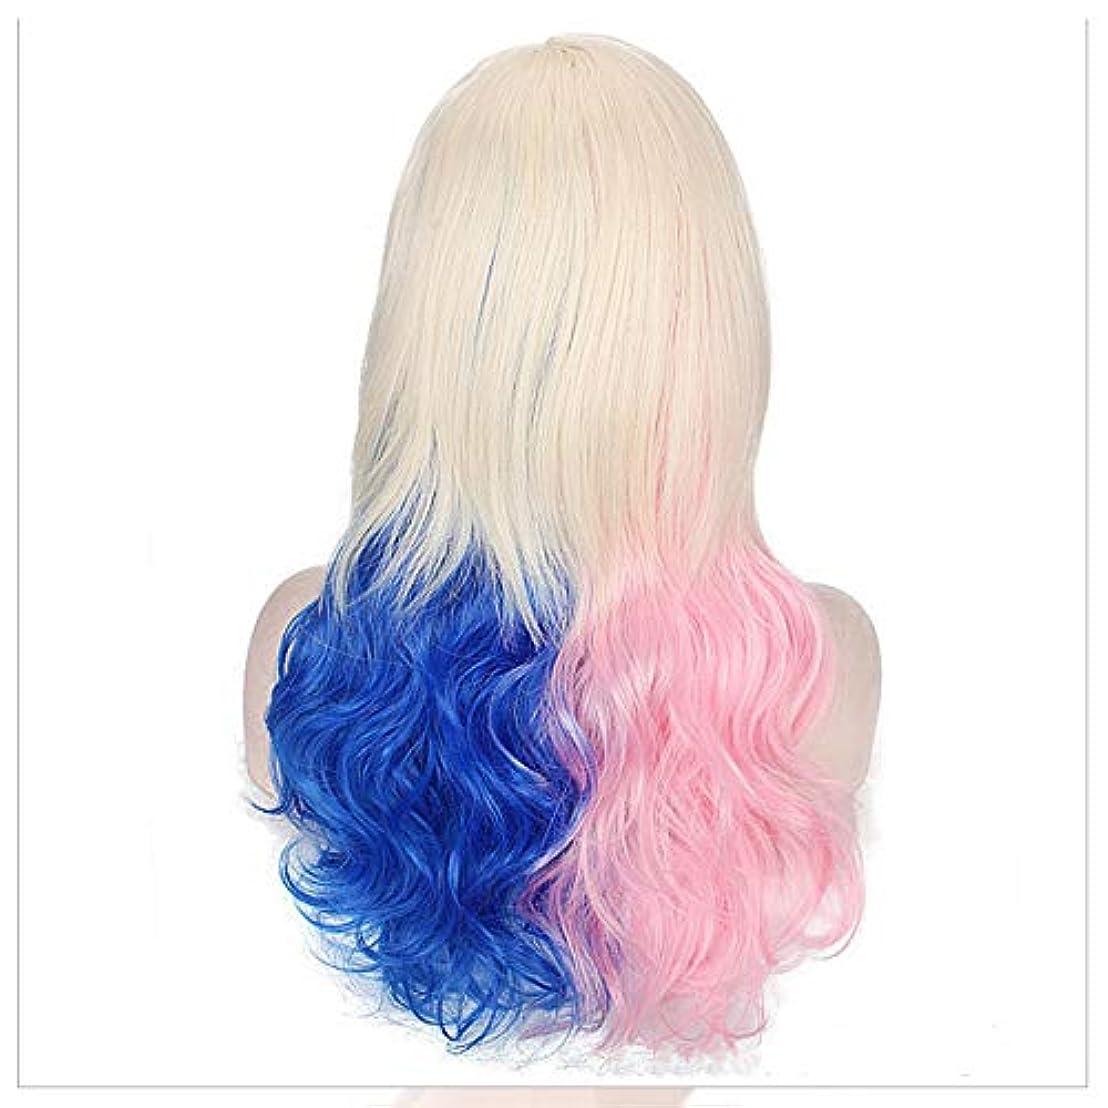 モンキー式仕方偽の髪のスライス、髪の接続、ヘアピンの巻いた髪、マットな髪のかつら、成長した髪を接ぎ木して、傷がないです